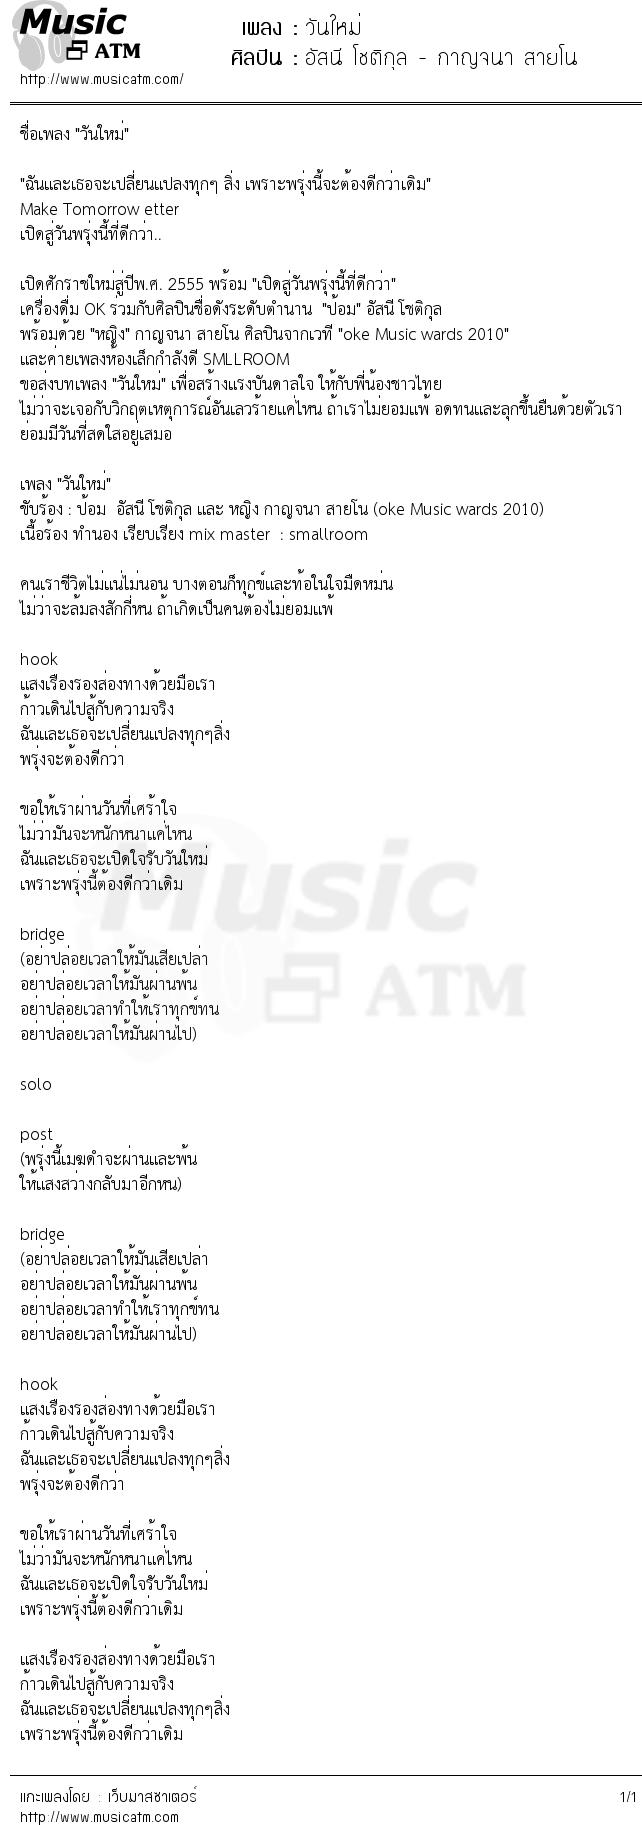 เนื้อเพลง วันใหม่ - อัสนี โชติกุล - กาญจนา สายโน | เพลงไทย